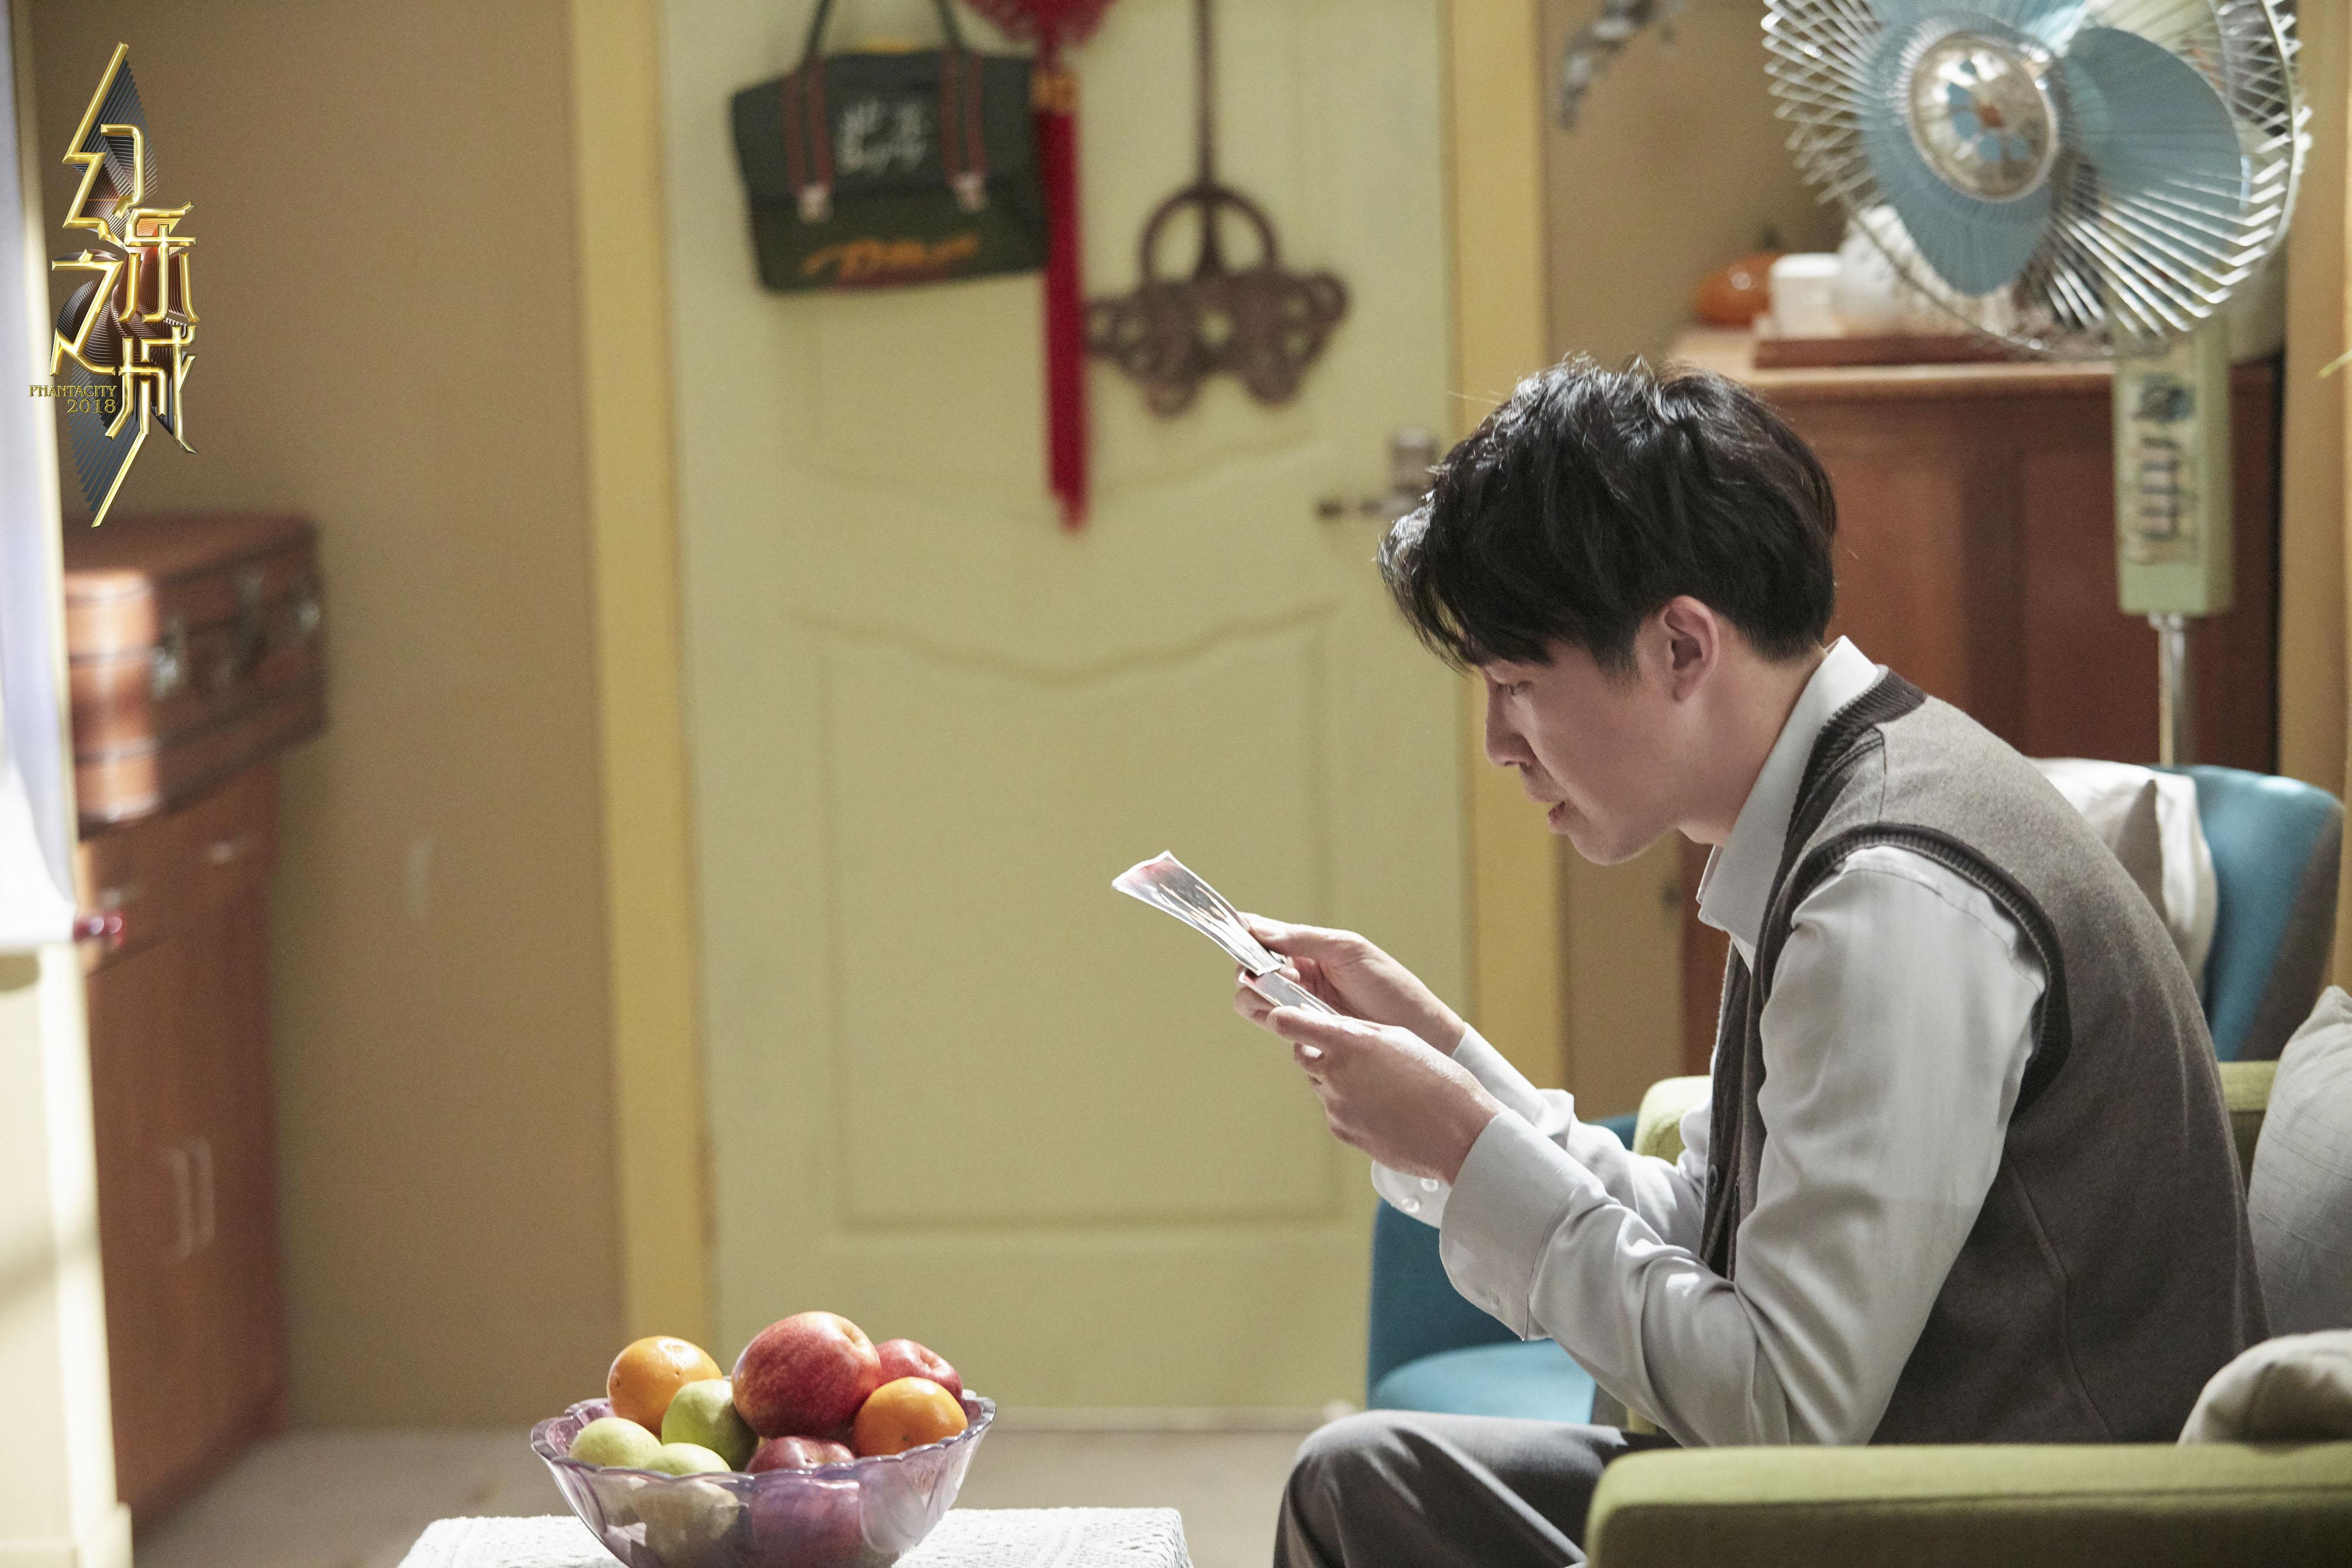 《幻乐之城》俞灏明重拾少年梦 娄艺潇新歌首唱